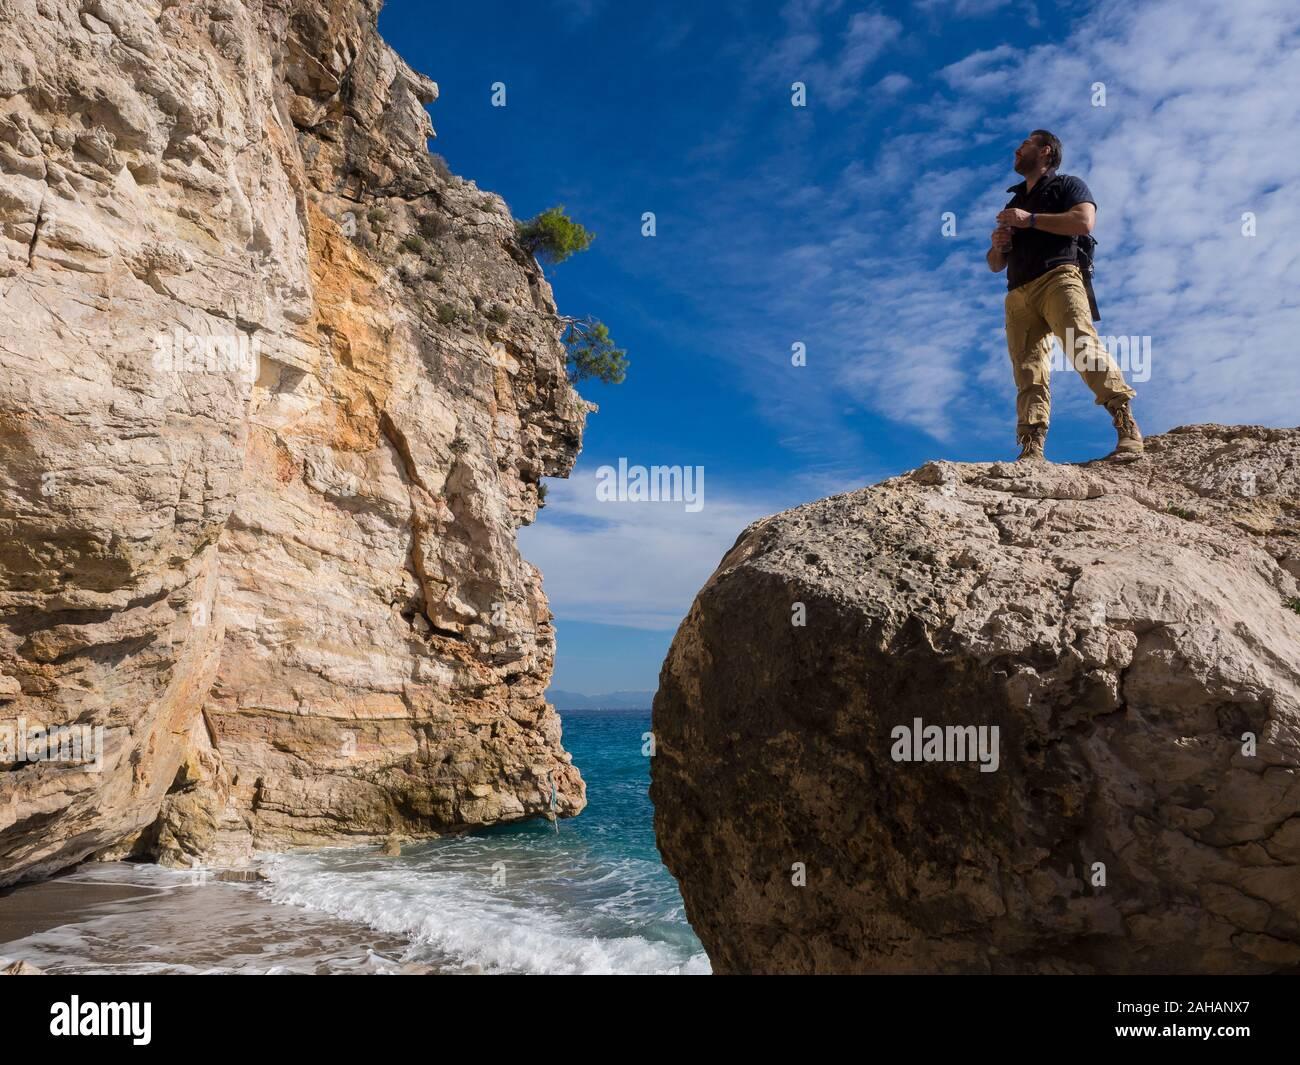 Viajero con mochila en las rocas cerca del mar en busca de distancia. Los viajes de vacaciones de verano. Apuesto joven turista caucásica hombre en ropa casual al aire libre Foto de stock